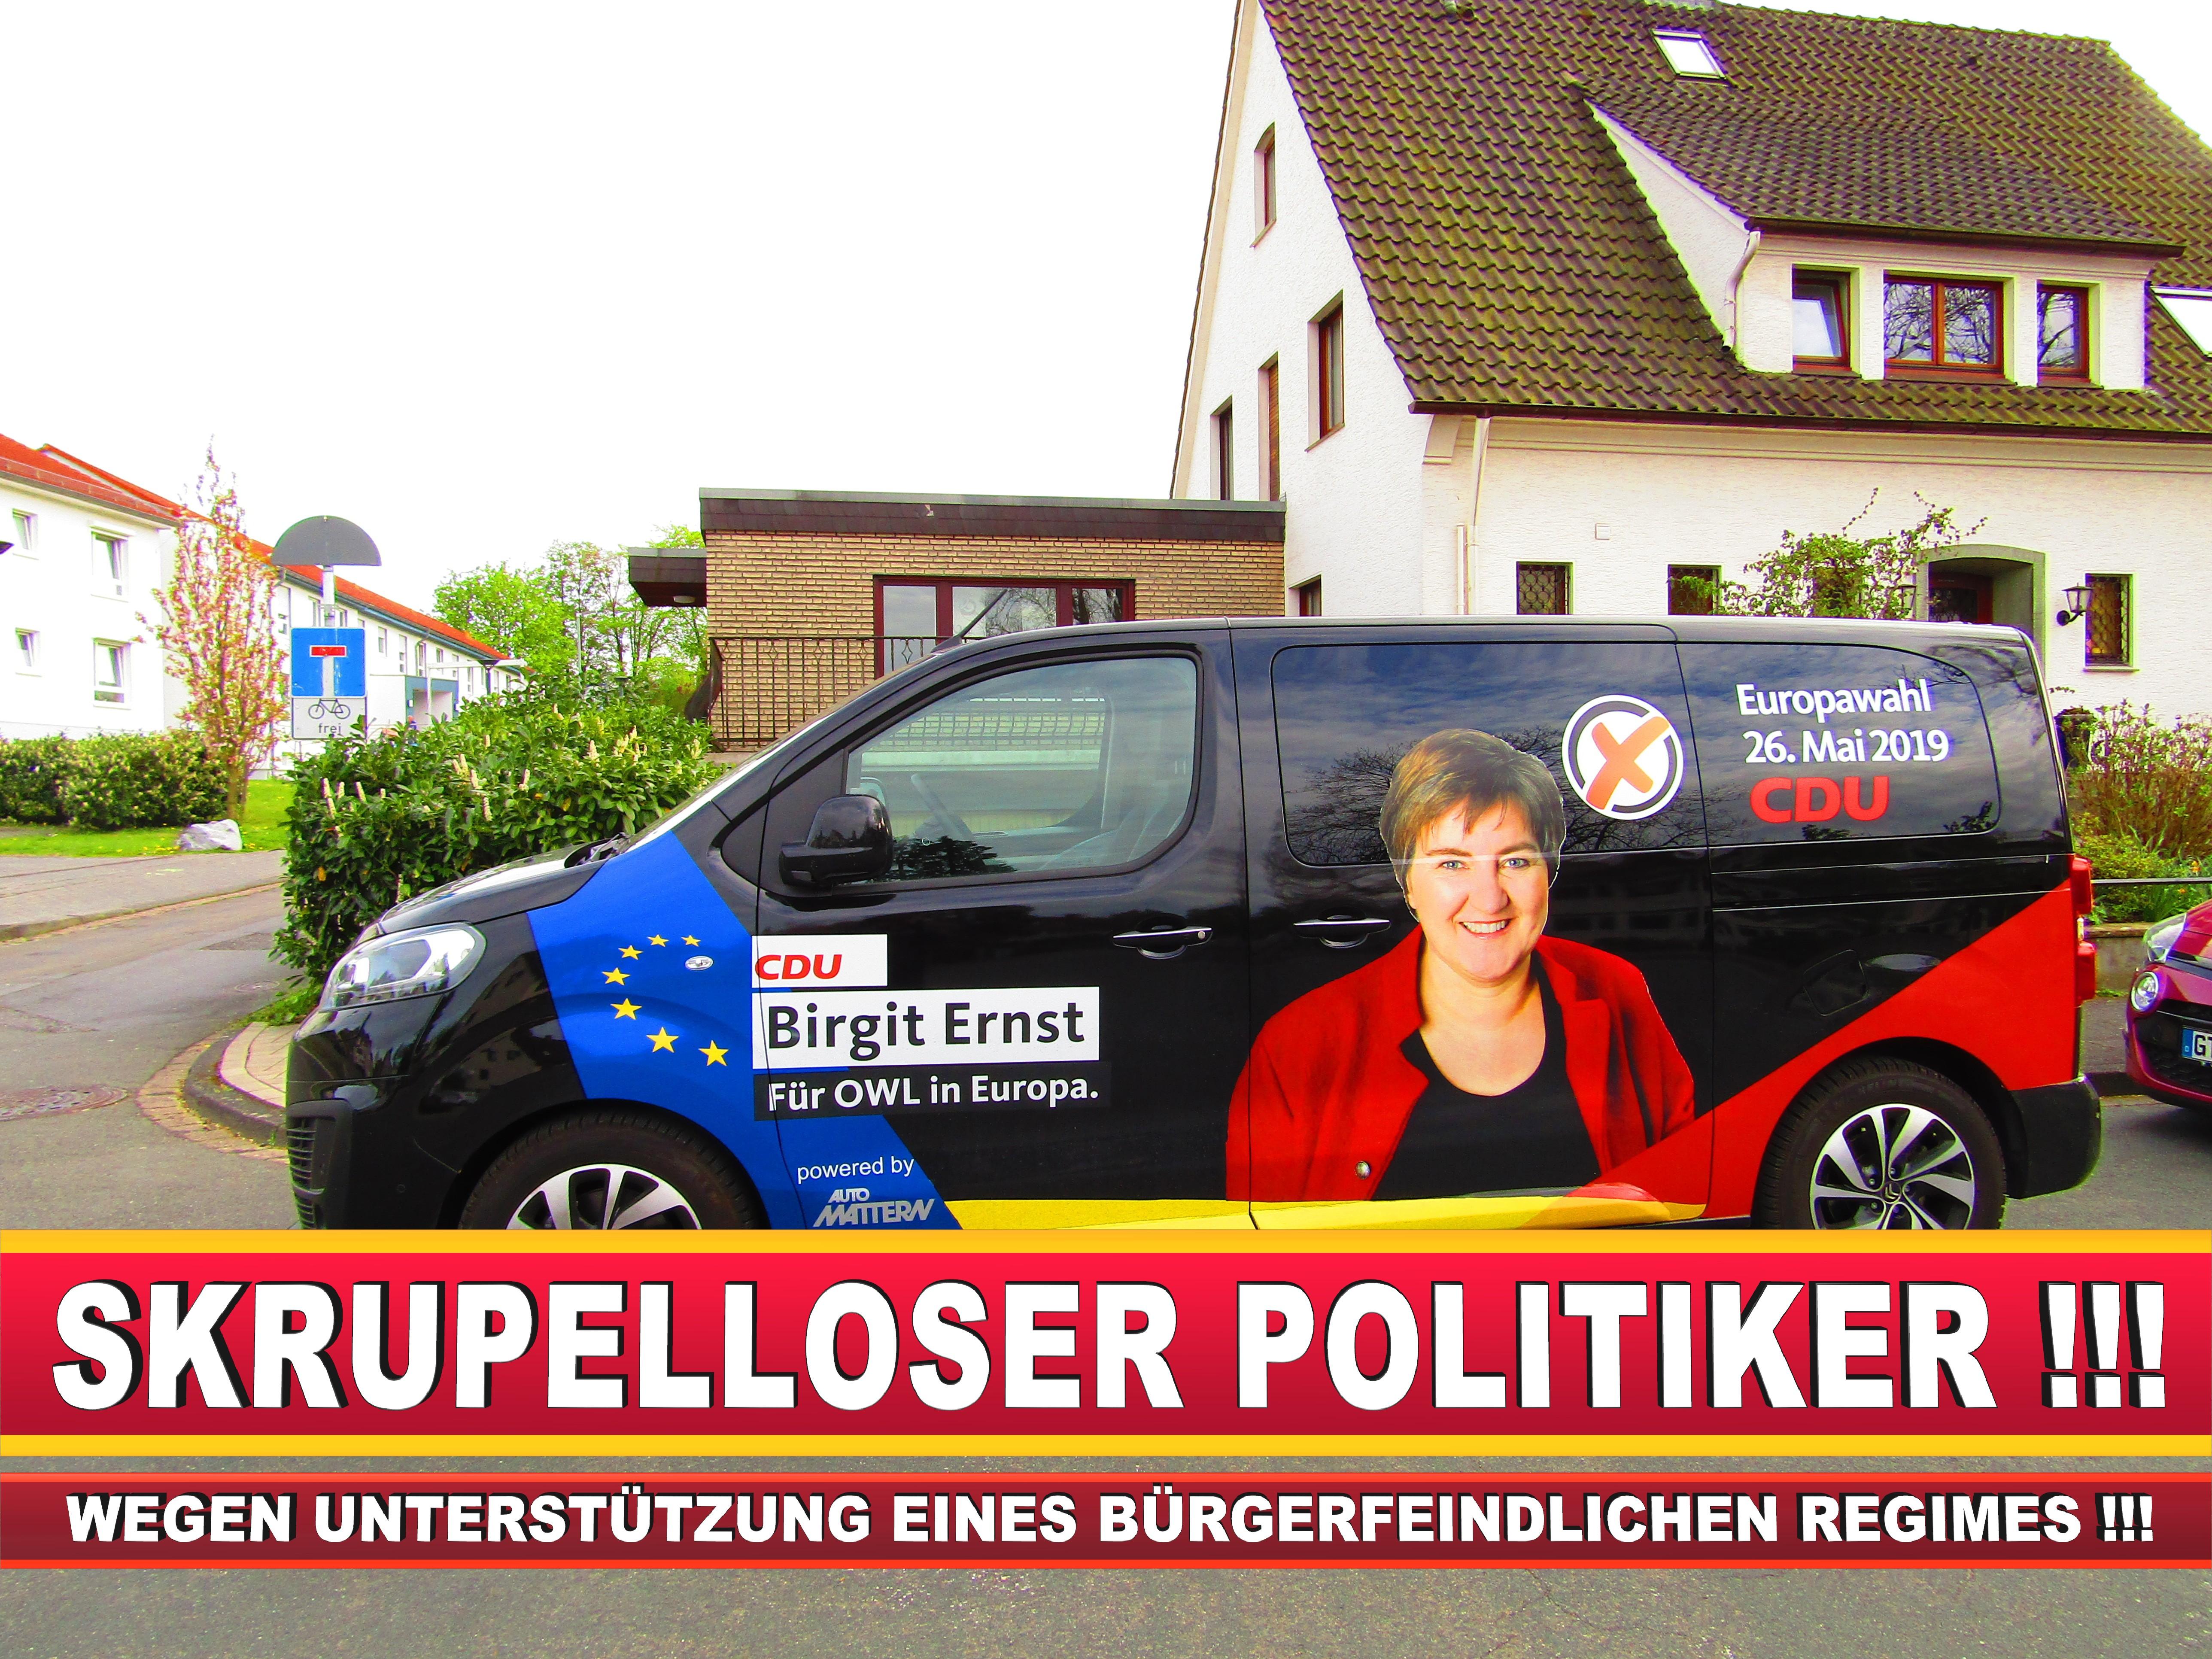 Europawahl Deutschland Birgit Ernst CDU (27)